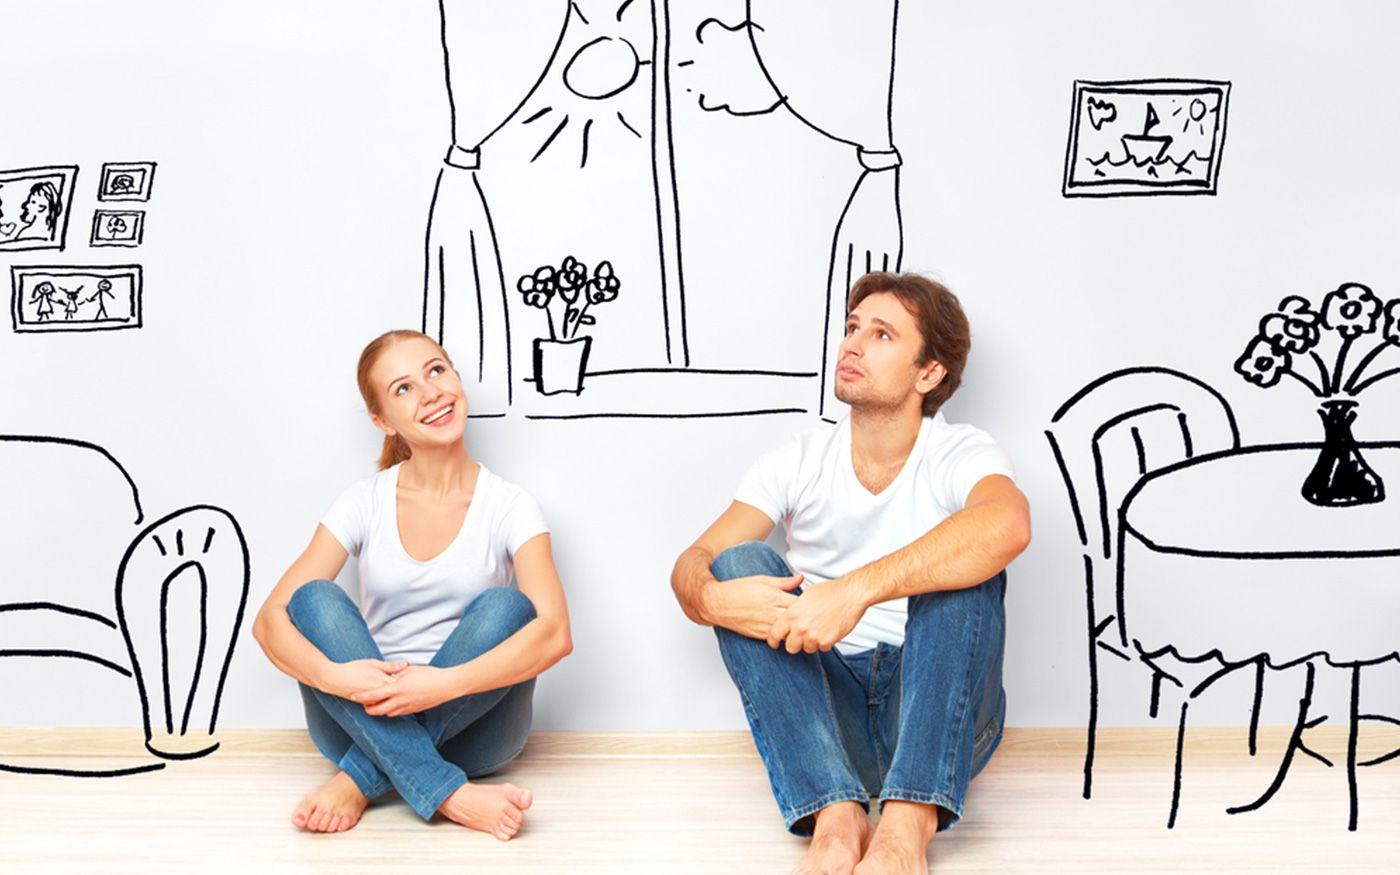 Achat appartement paris : un lieu de rêve